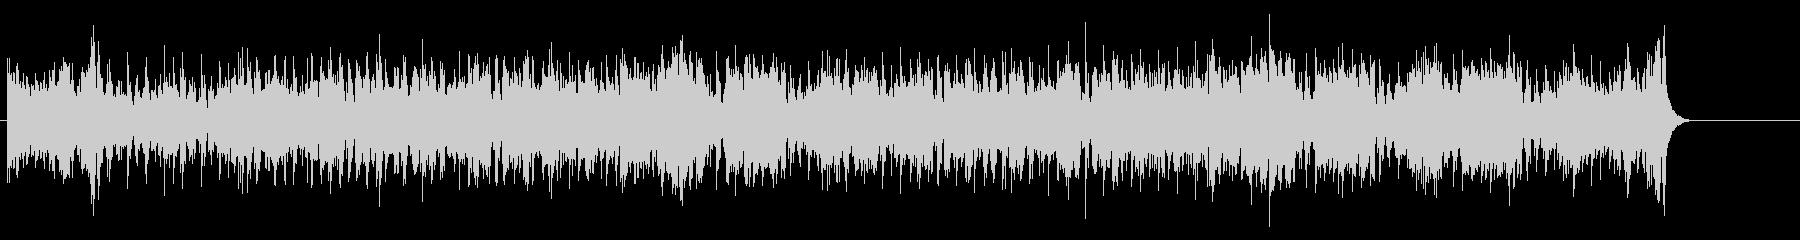 ジェントルなメロが際立つファンキーホーンの未再生の波形